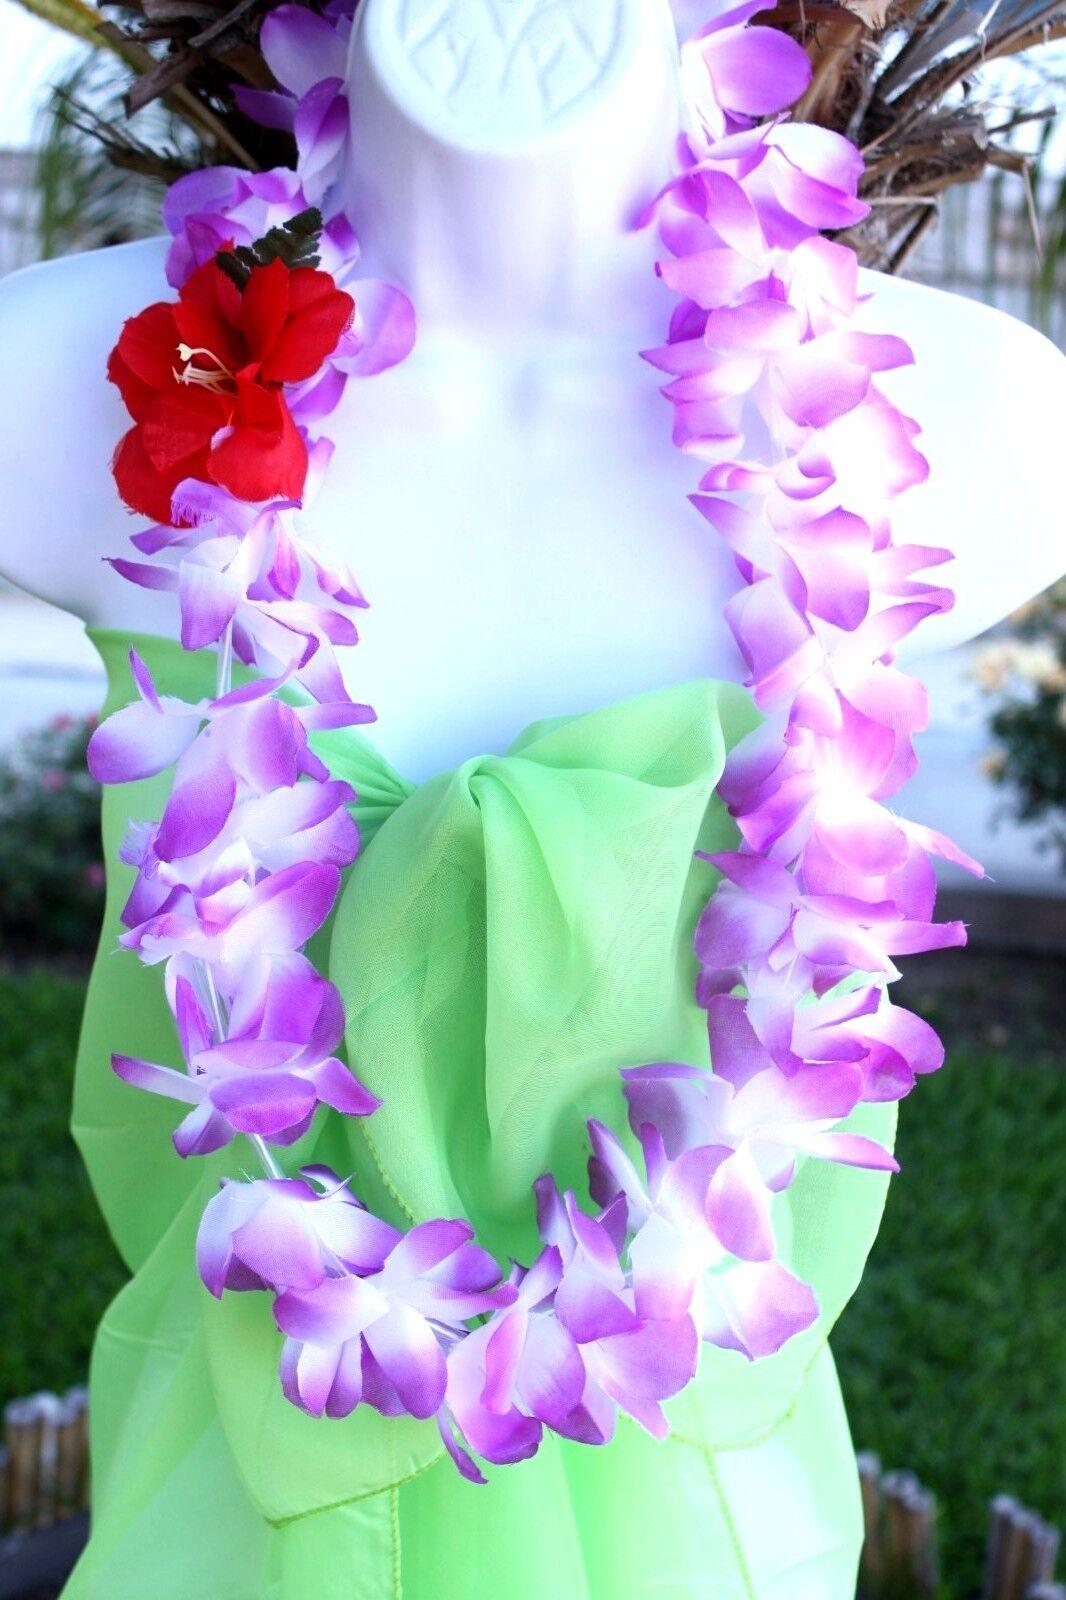 Two hawaiian hawaii flower lei hula luau party favor necklace purple two hawaiian hawaii flower lei hula luau party favor necklace purple qty 2 leis izmirmasajfo